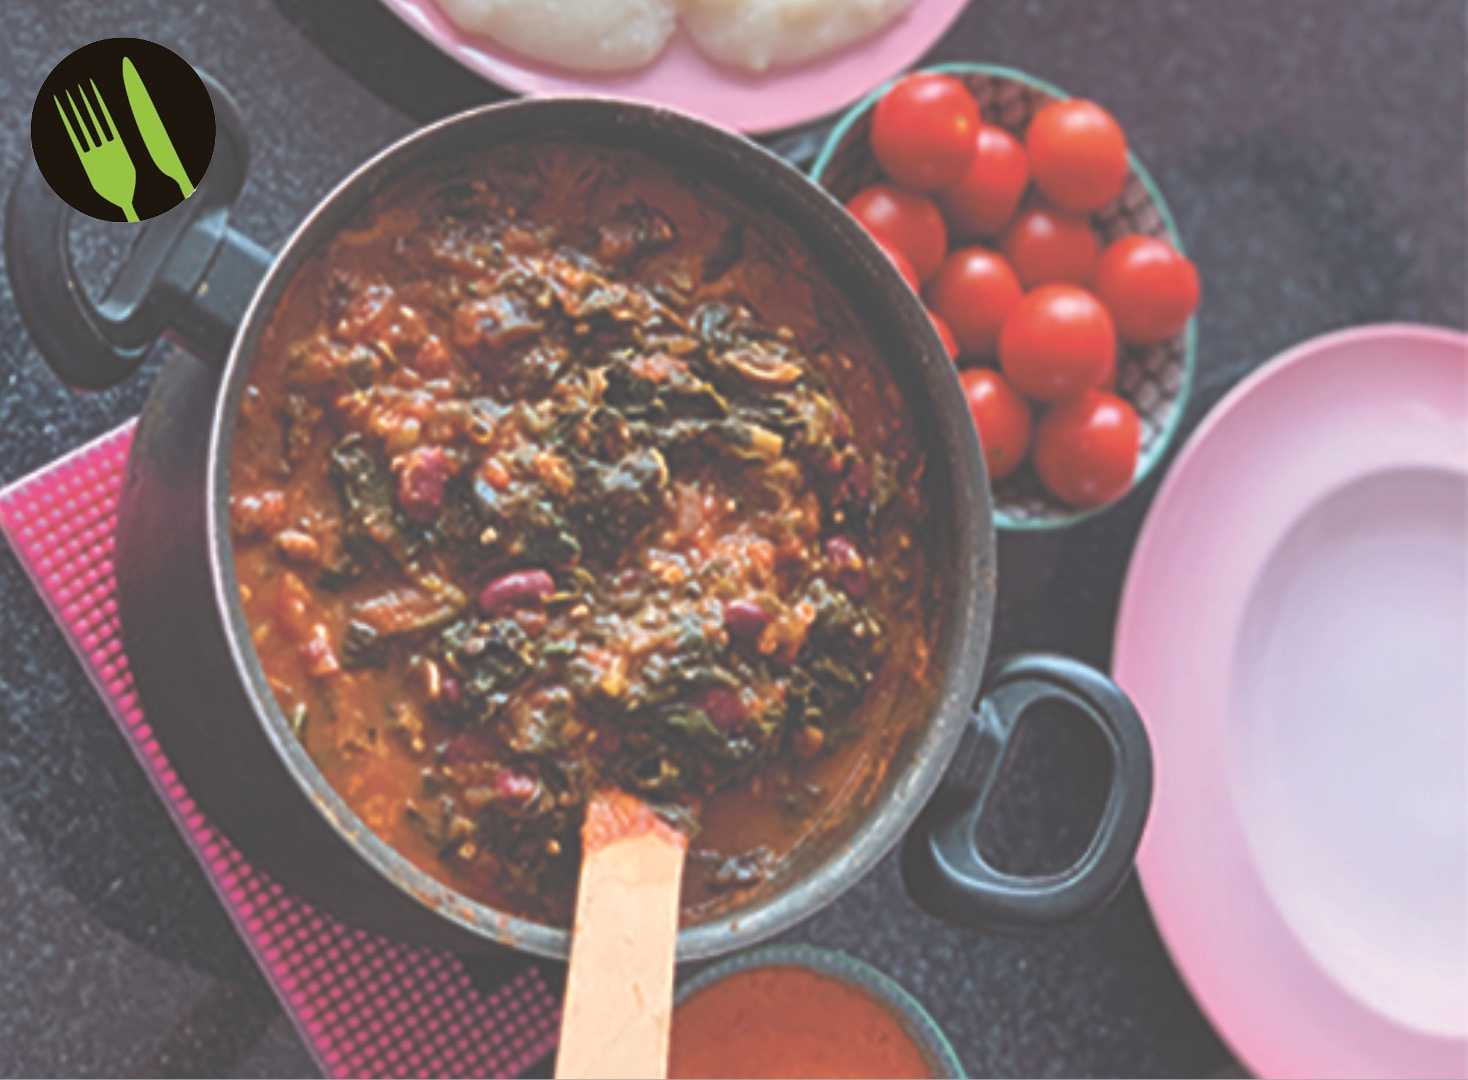 Okragryta med fufu och habanerosås.